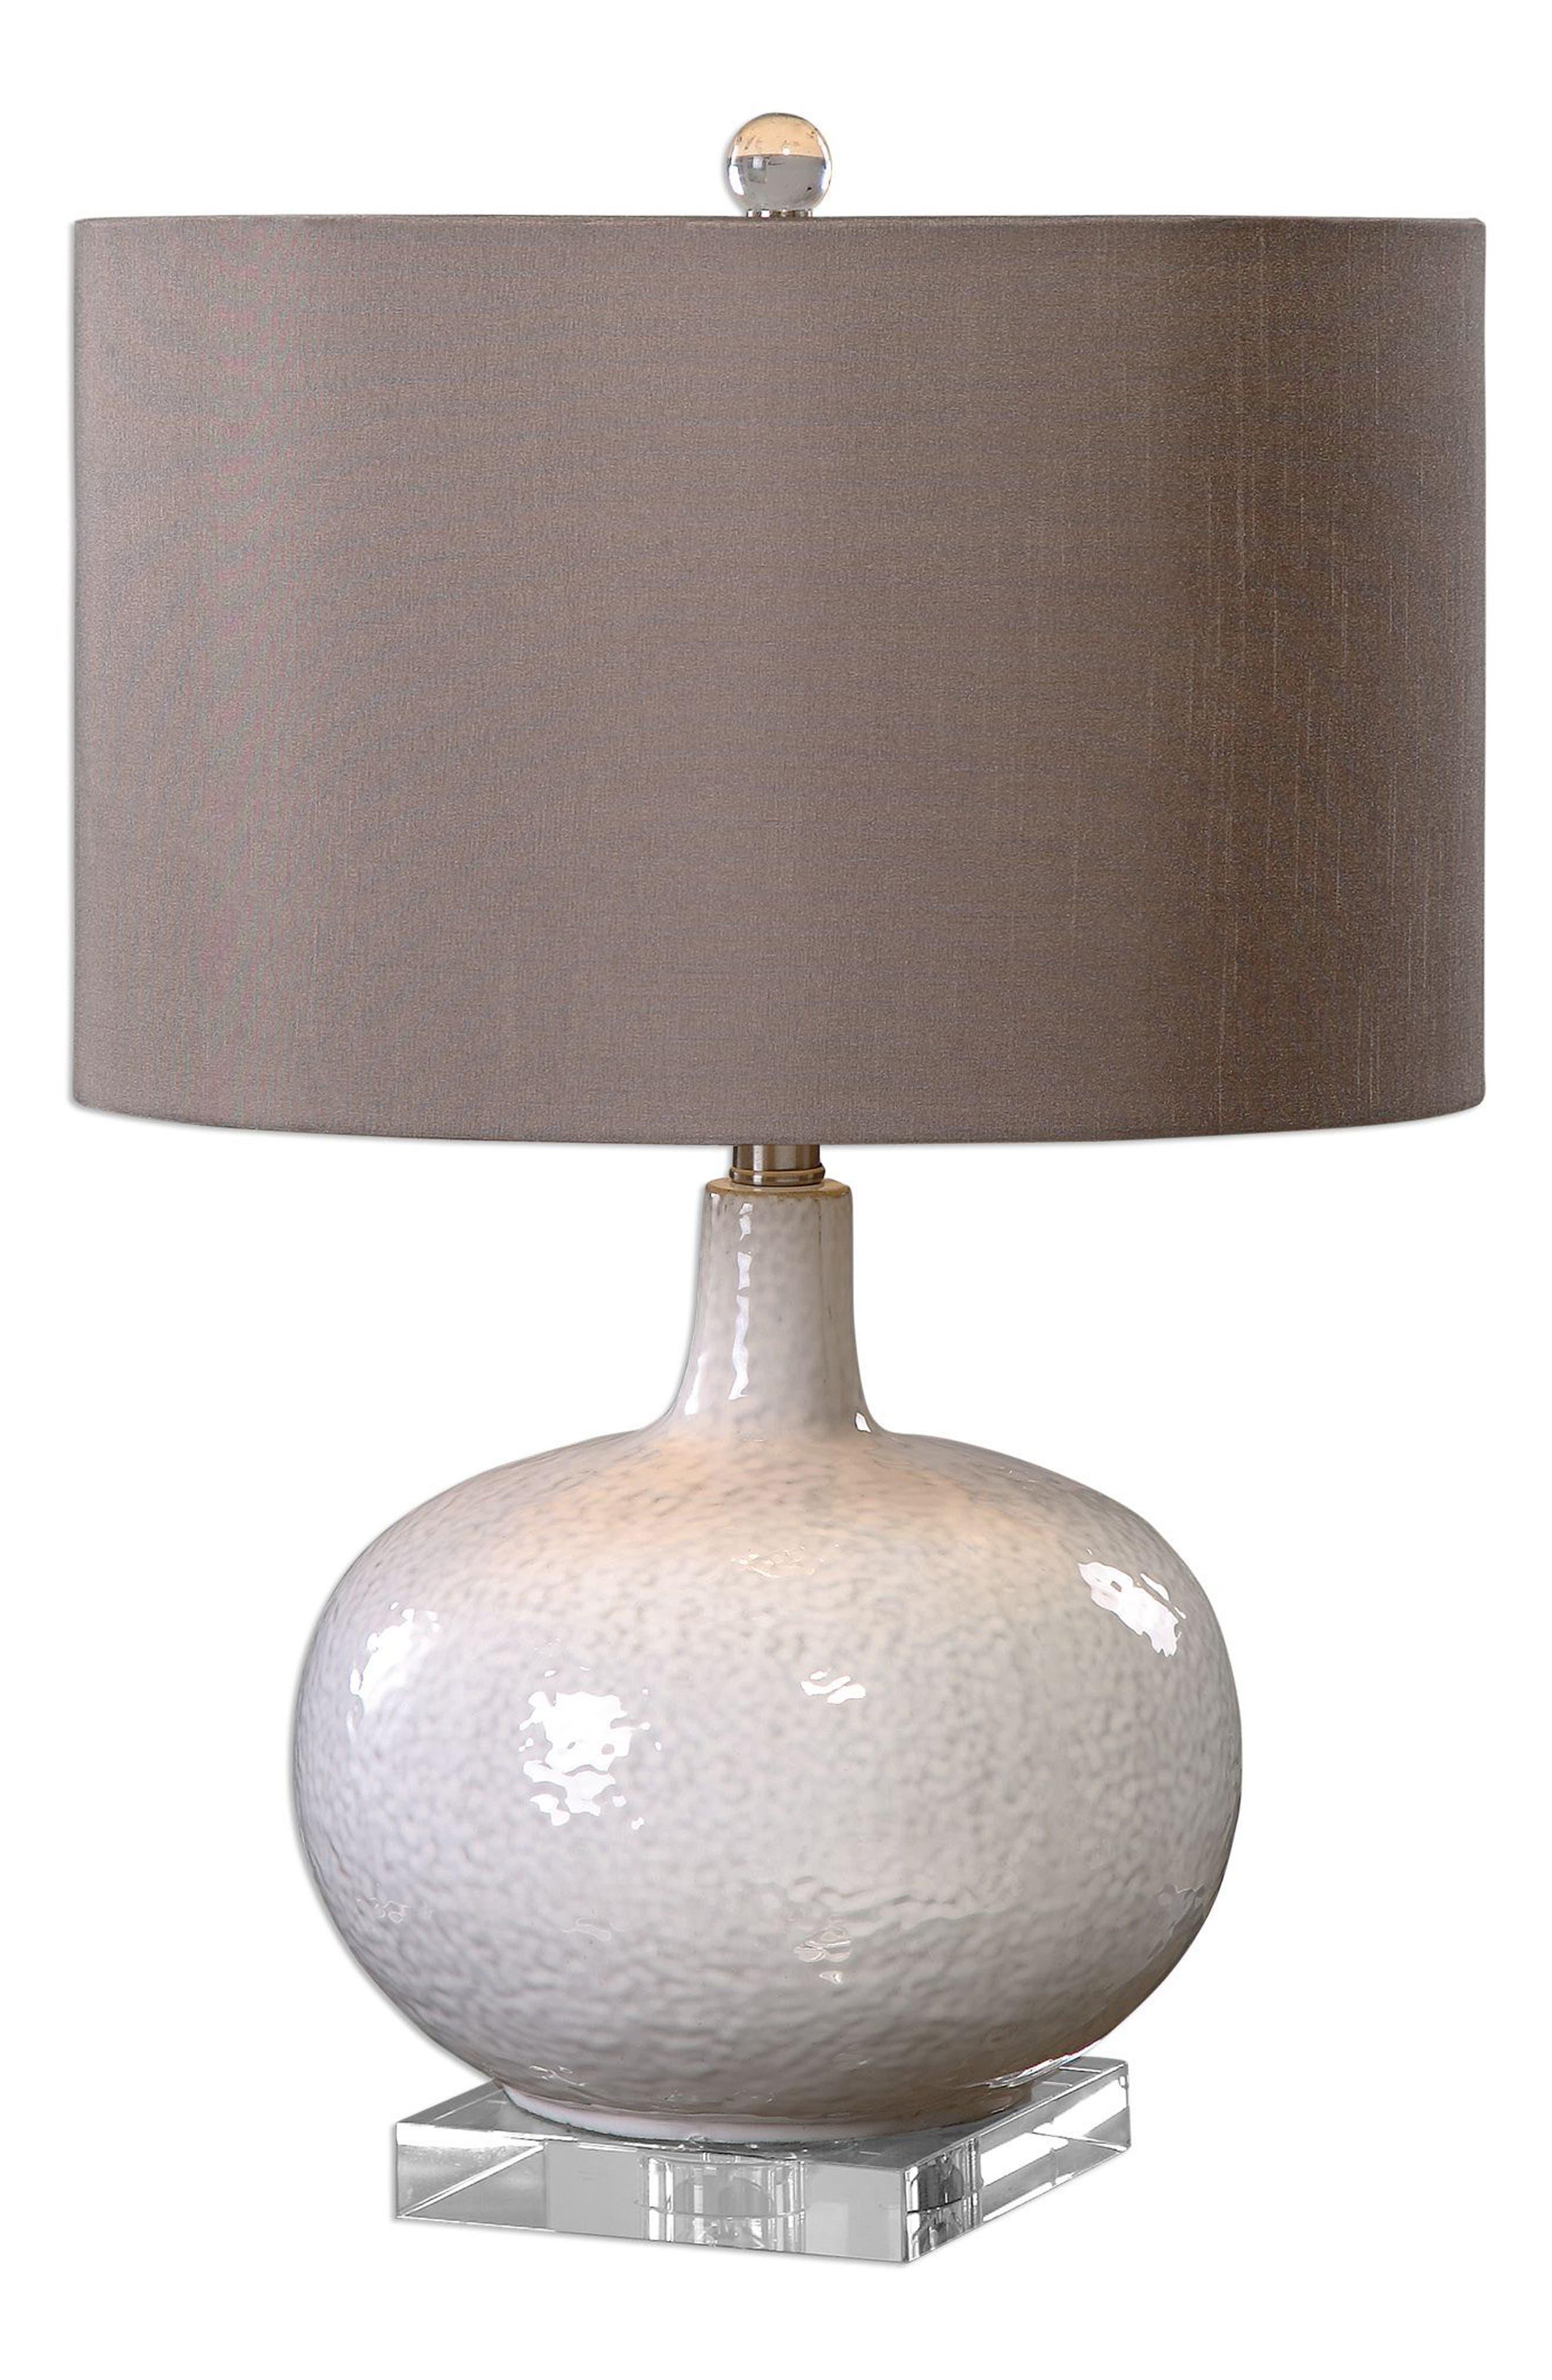 Parvati Table Lamp,                             Main thumbnail 1, color,                             White